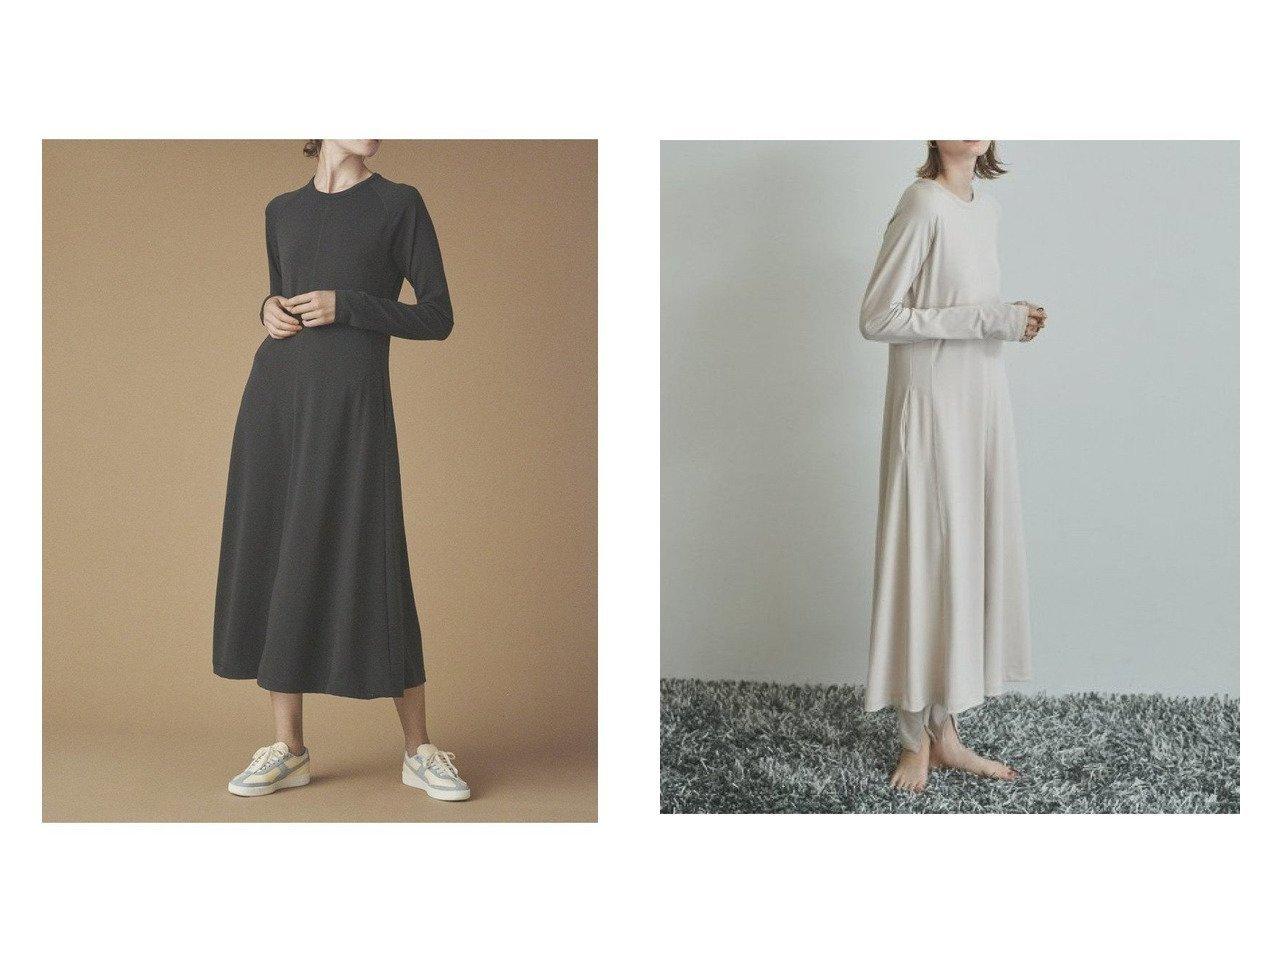 【emmi/エミ】の【emmi atelier】リラックス機能ワンピ ワンピース・ドレスのおすすめ!人気、トレンド・レディースファッションの通販  おすすめで人気の流行・トレンド、ファッションの通販商品 メンズファッション・キッズファッション・インテリア・家具・レディースファッション・服の通販 founy(ファニー) https://founy.com/ ファッション Fashion レディースファッション WOMEN ワンピース Dress マキシワンピース Maxi Dress ウォッシャブル スリット マキシ リラックス ロング 吸水 |ID:crp329100000010096